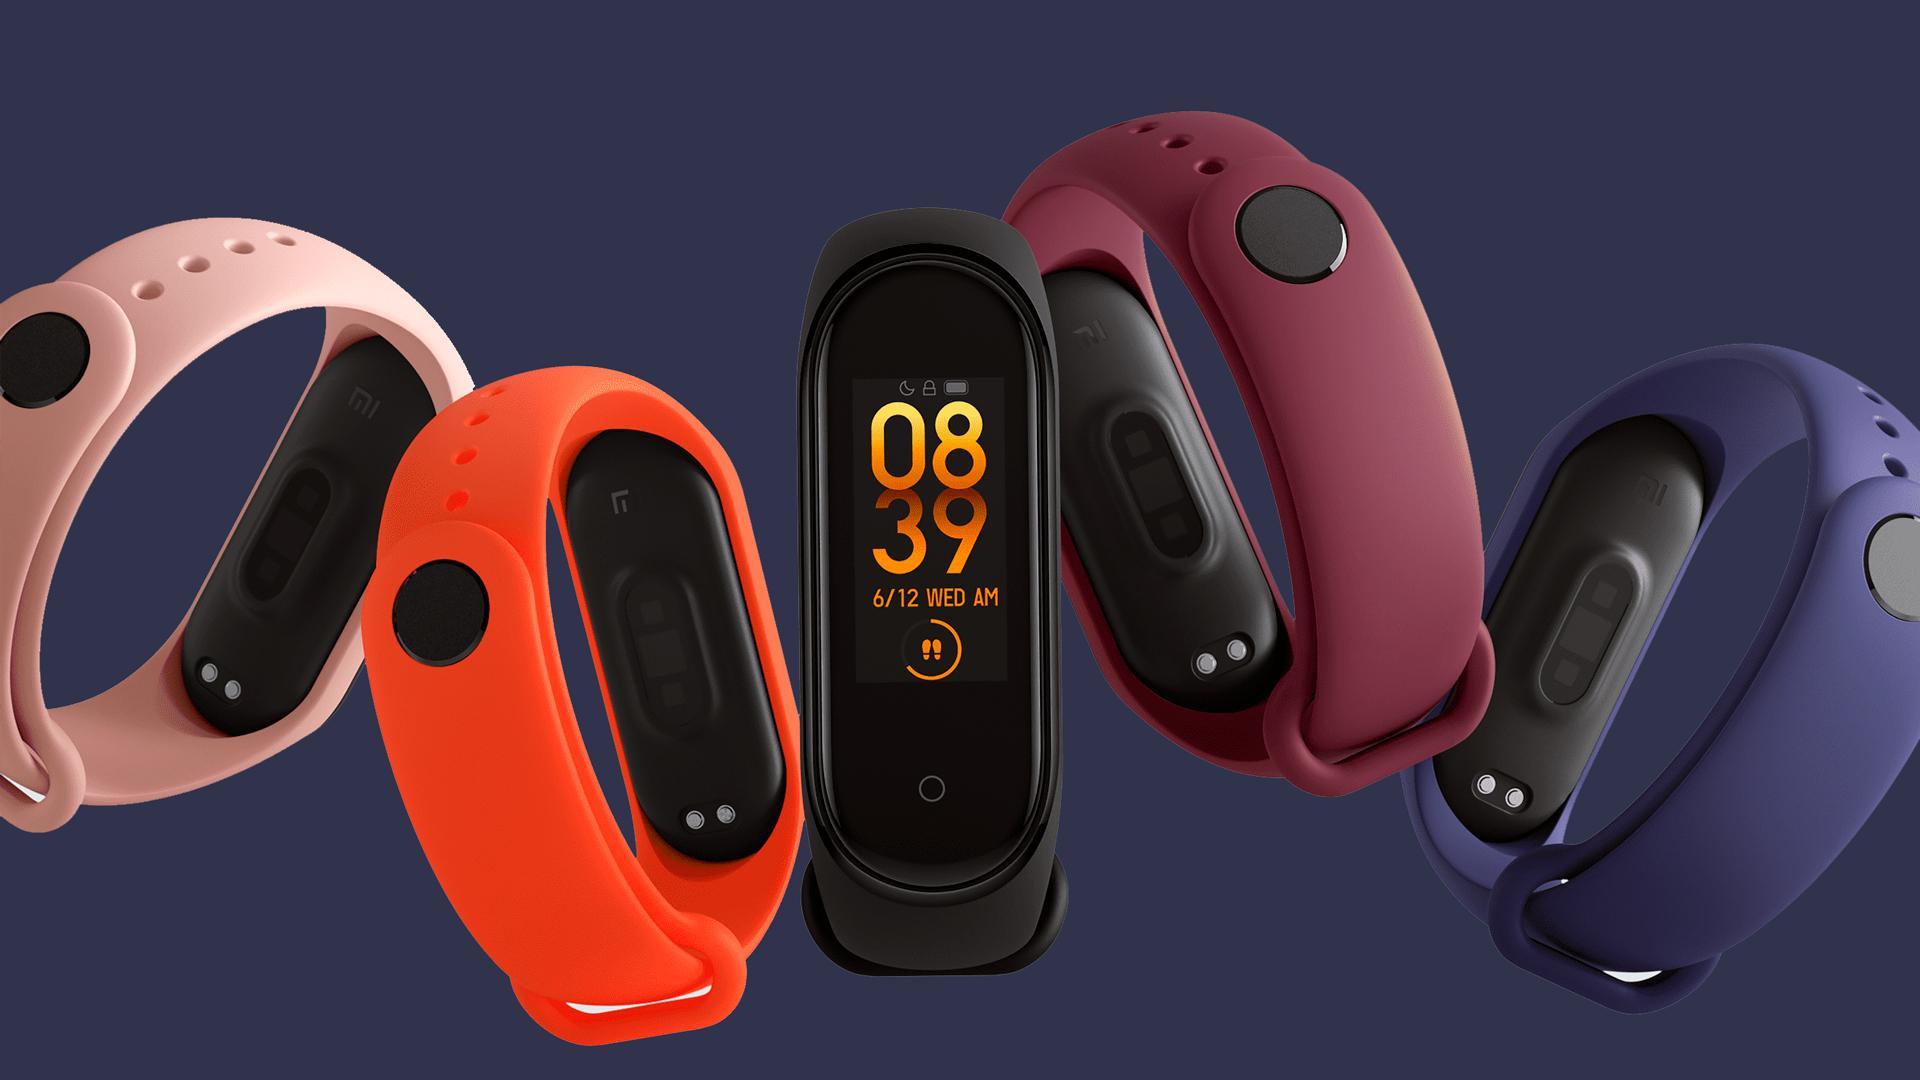 Клиенты девяти банков РФ с Mastercard смогут платить с помощью новых фитнес-браслетов от Xiaomi | Банки.ру